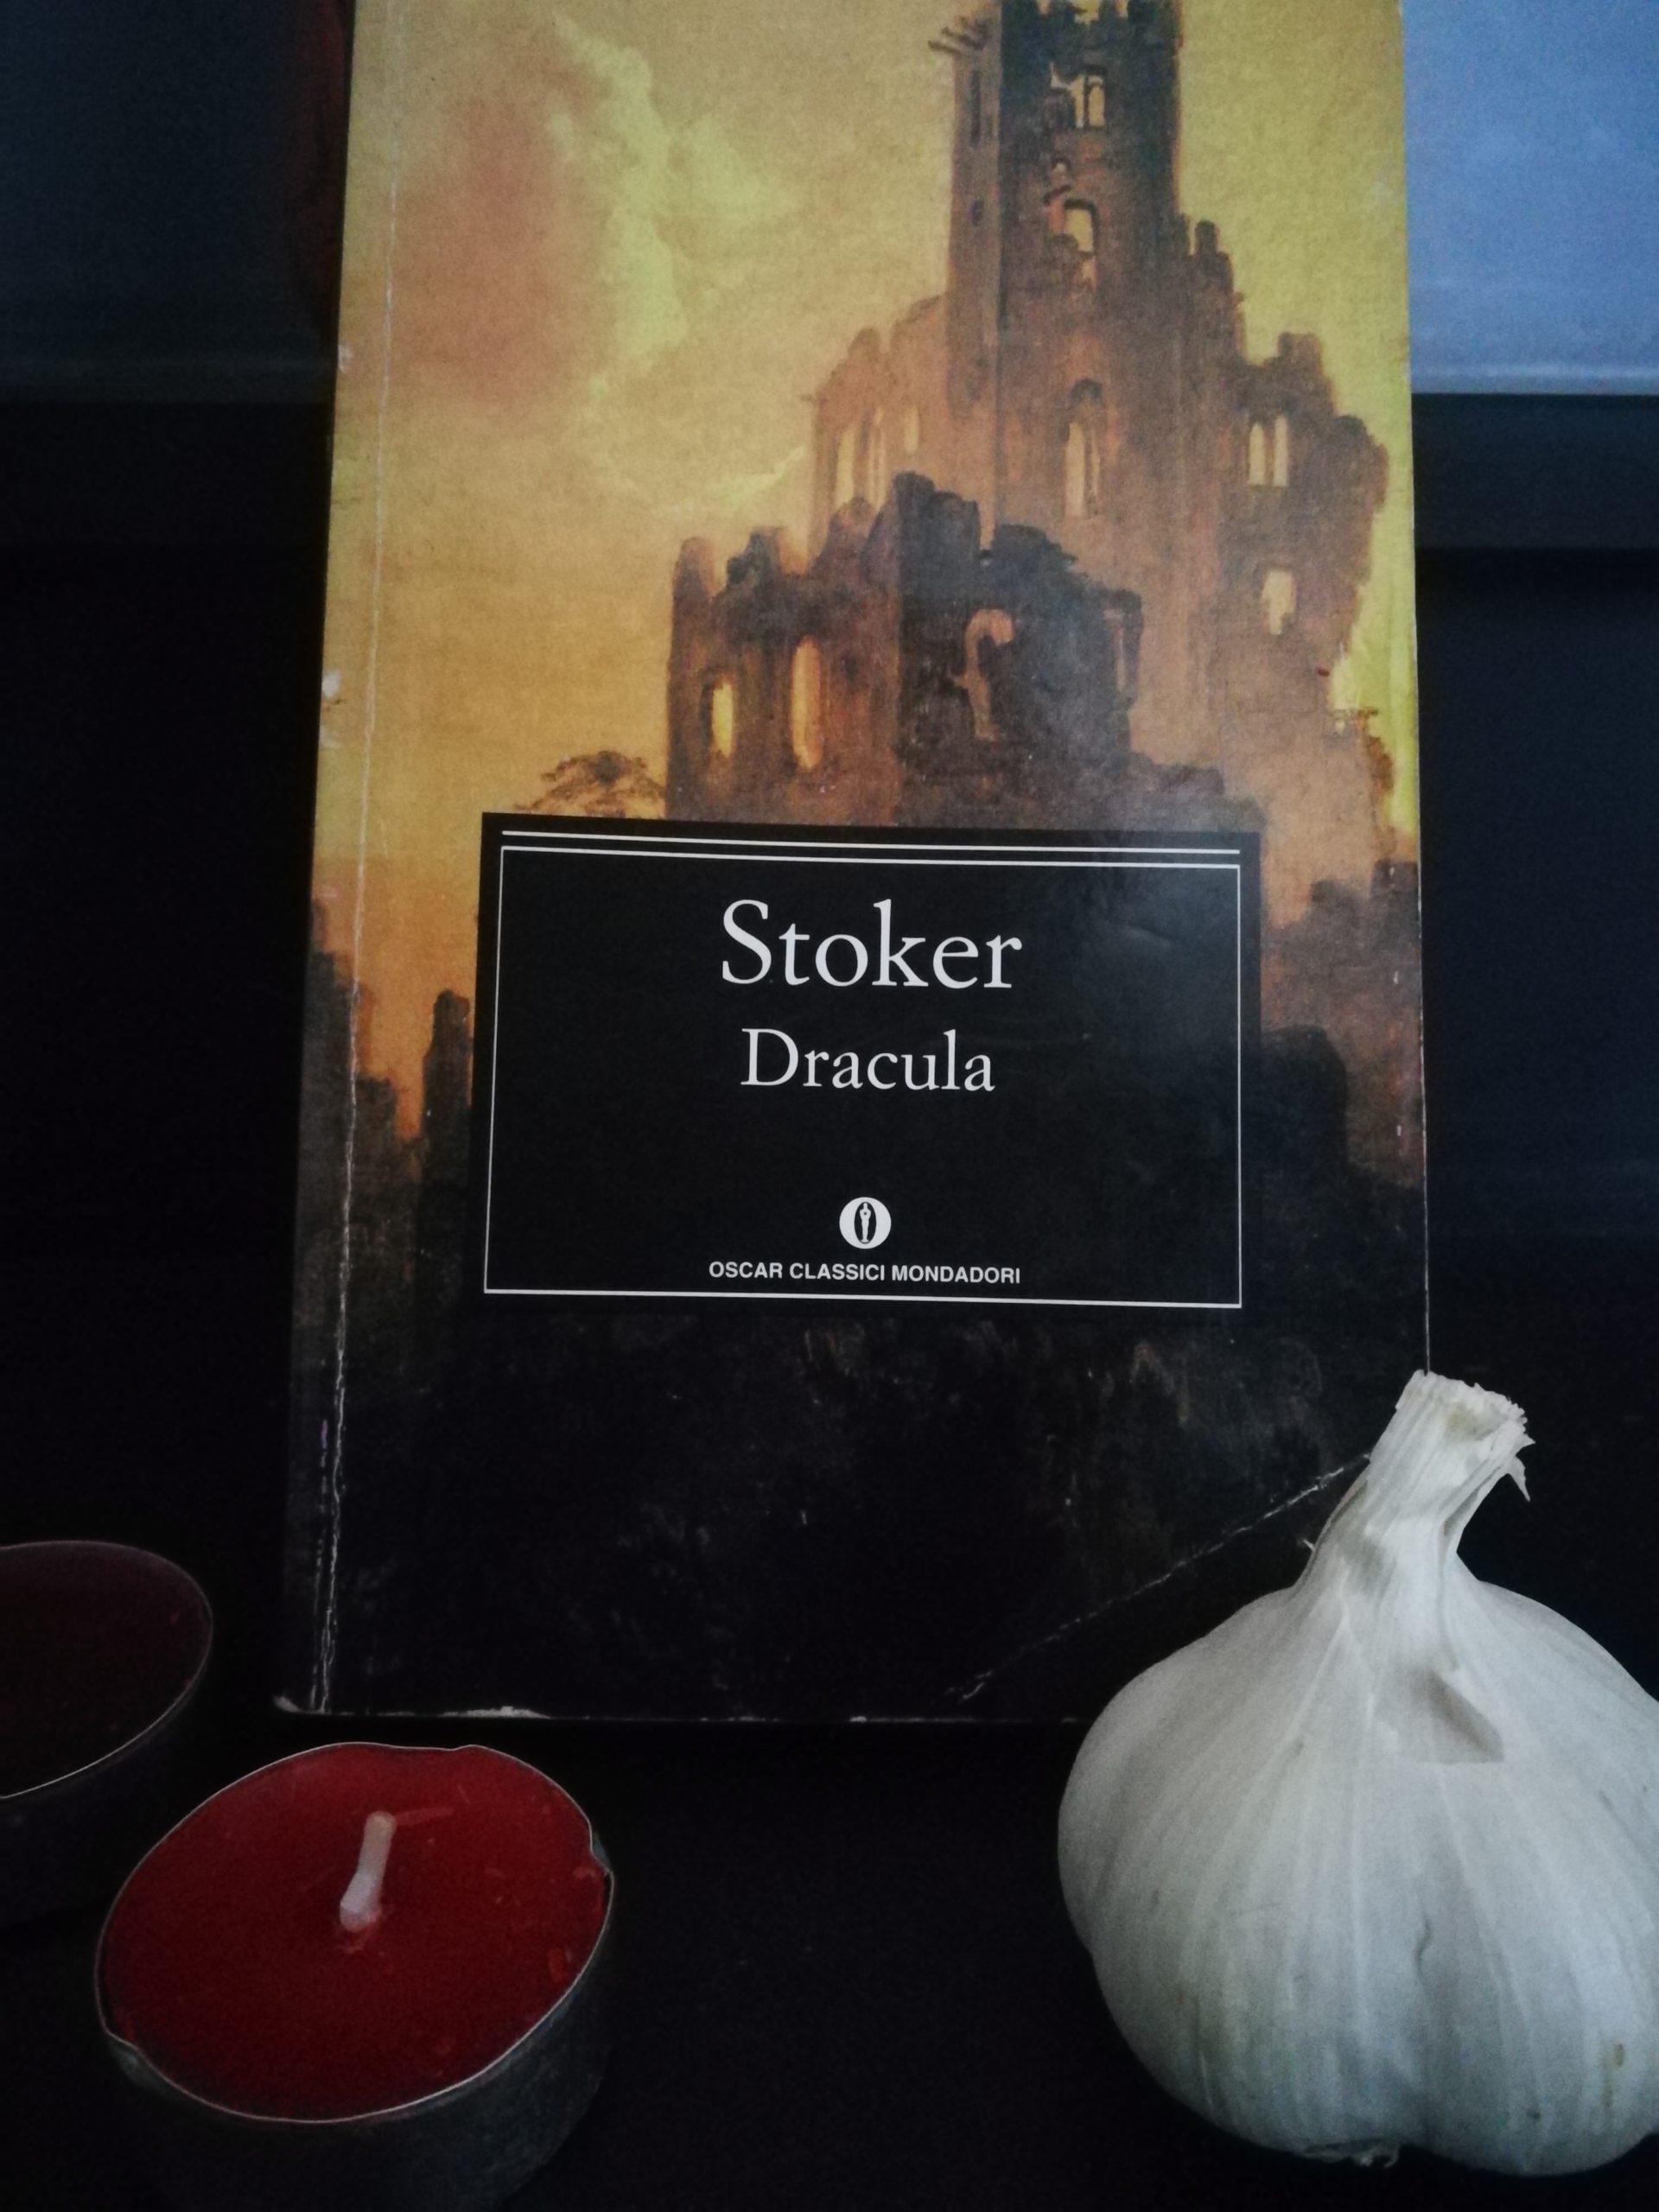 Dracula di Bram Stoker e la nascita di un genere letterario